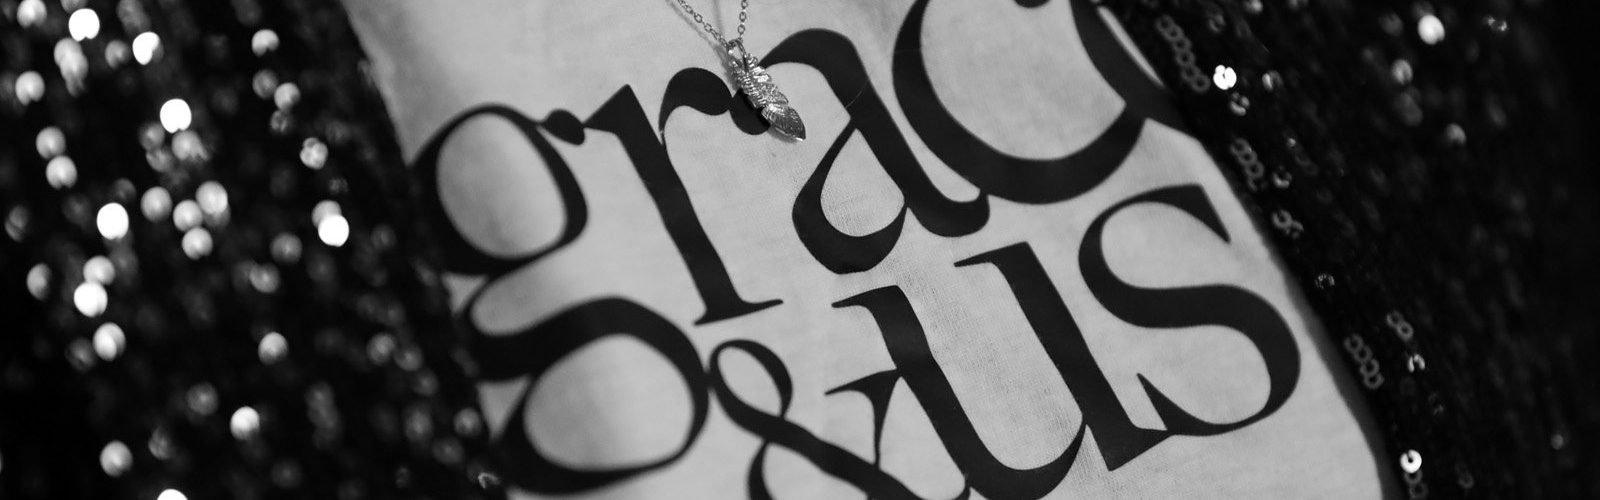 grace-andus-necklace